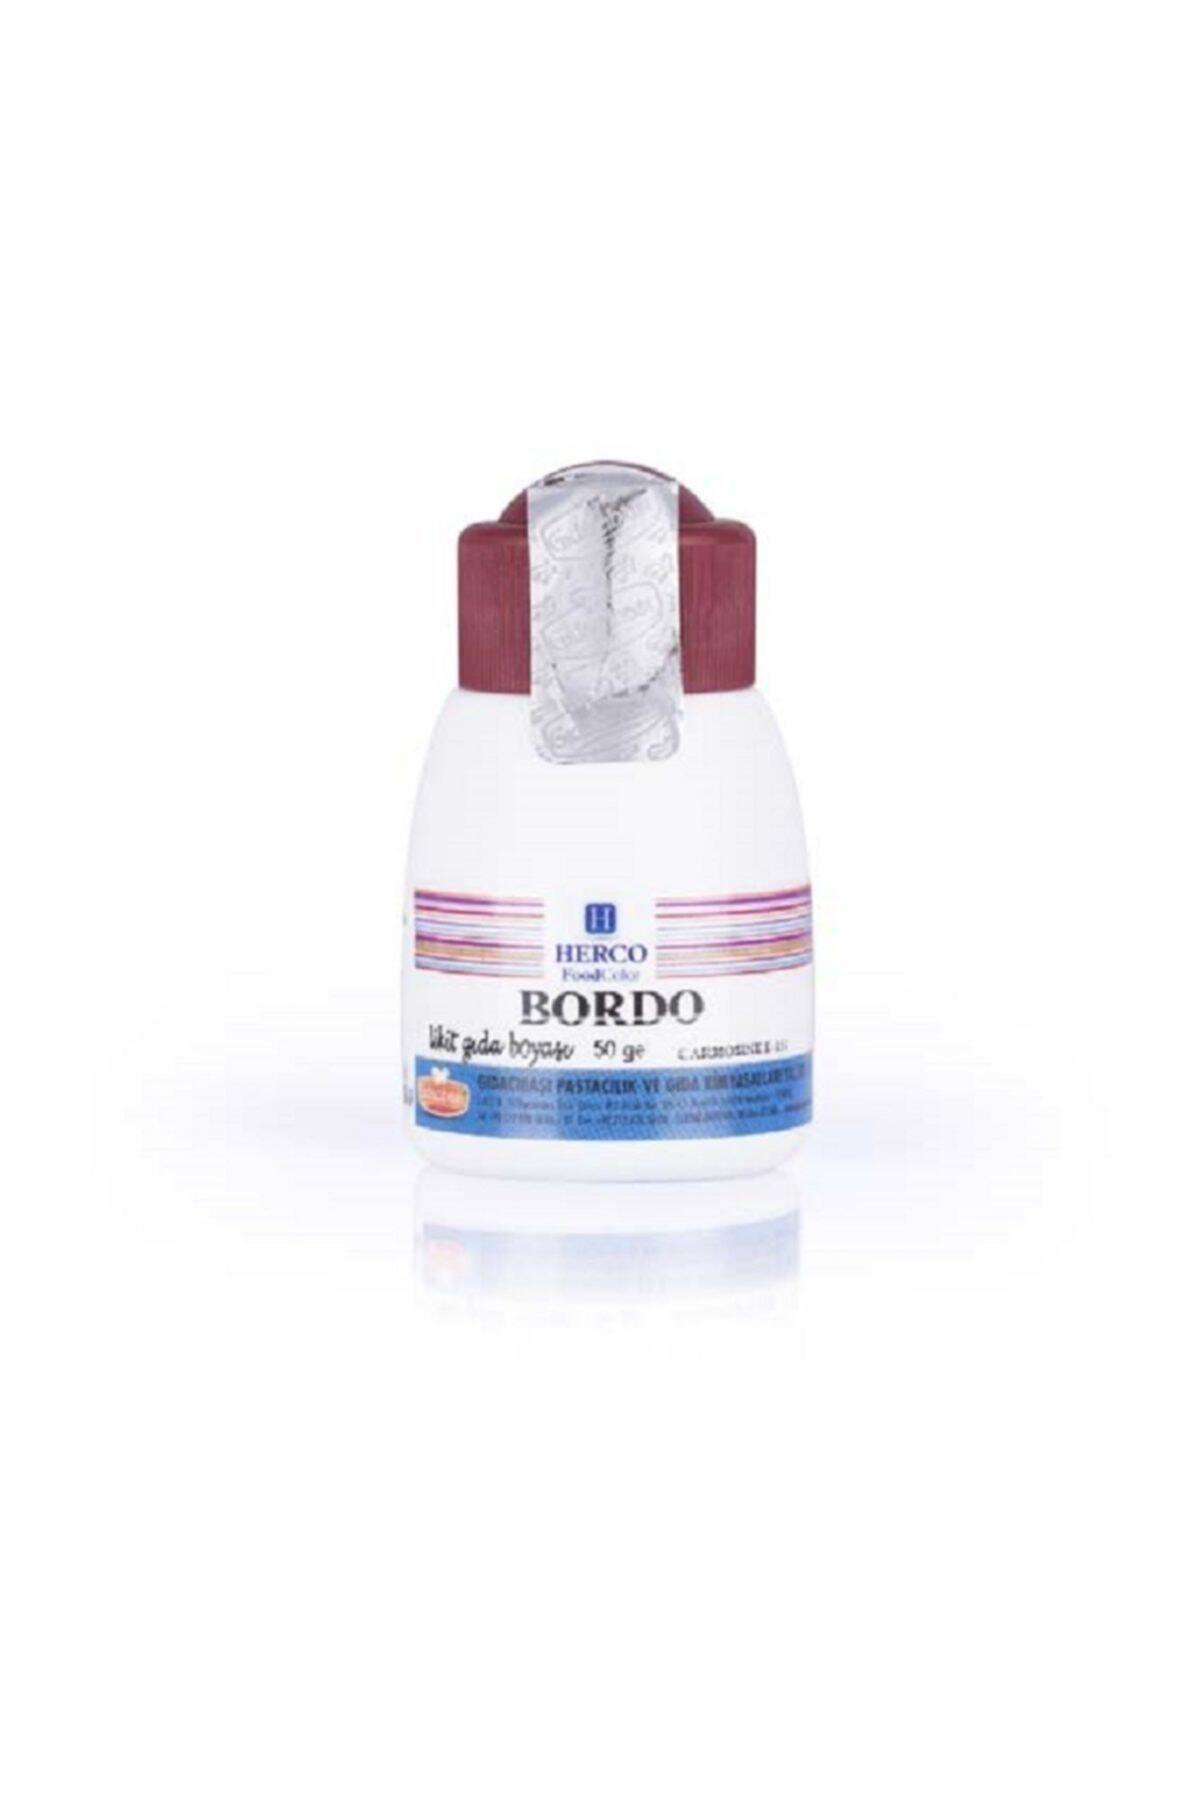 herco Vişne Bordo Sıvı Likit Gıda Boyası 50 Gr 1